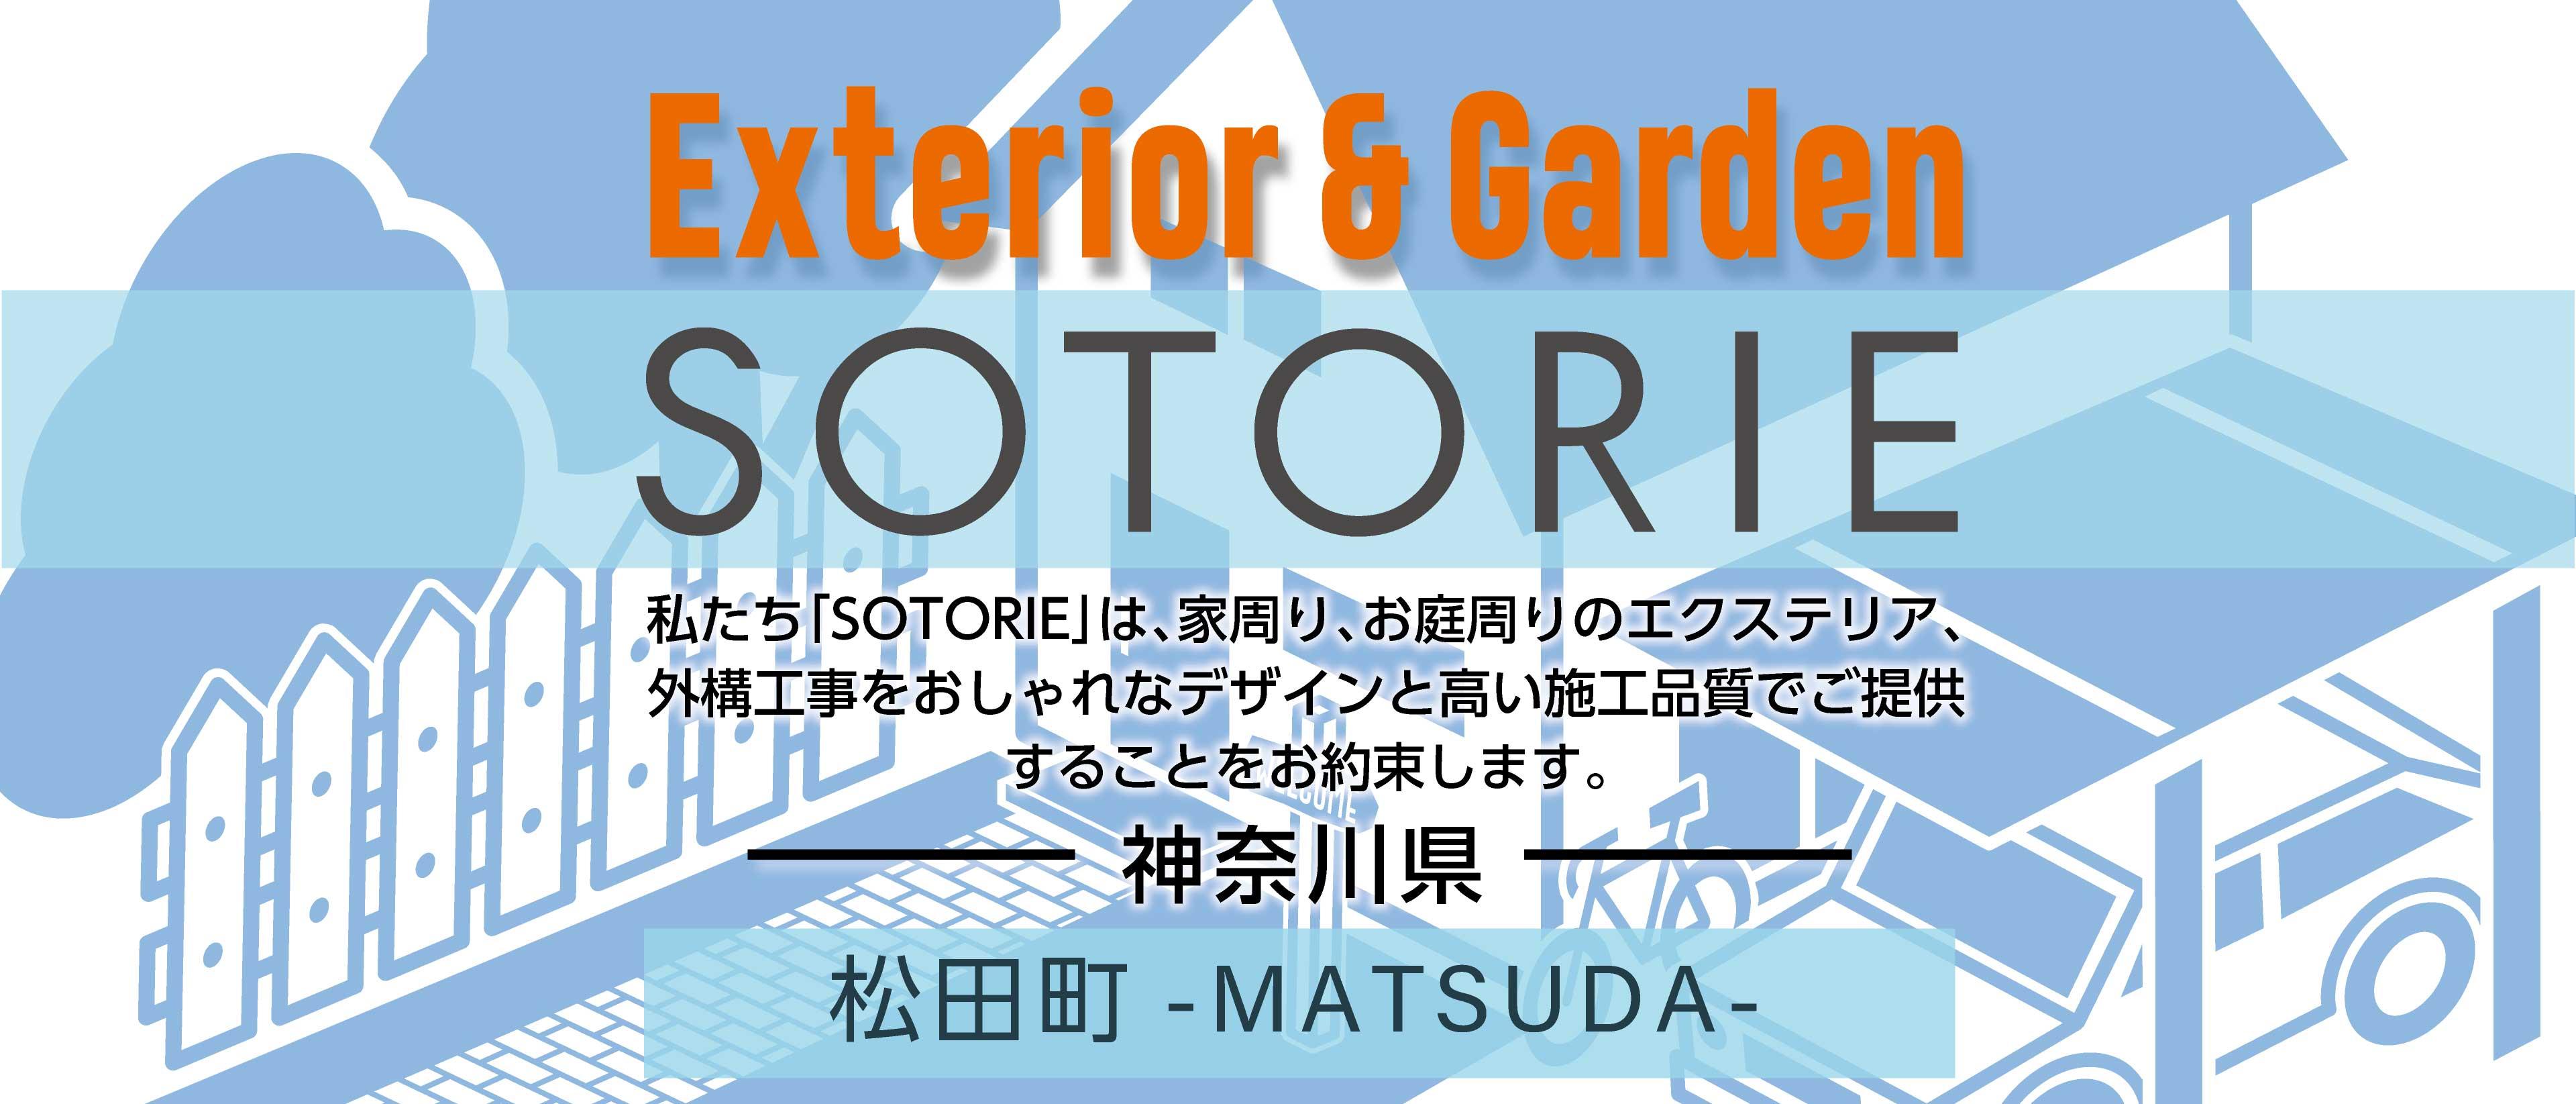 ソトリエ松田町では、家周りと庭周りの外構、エクステリア工事をおしゃれなデザインと高い施工品質でご提供することをお約束します。